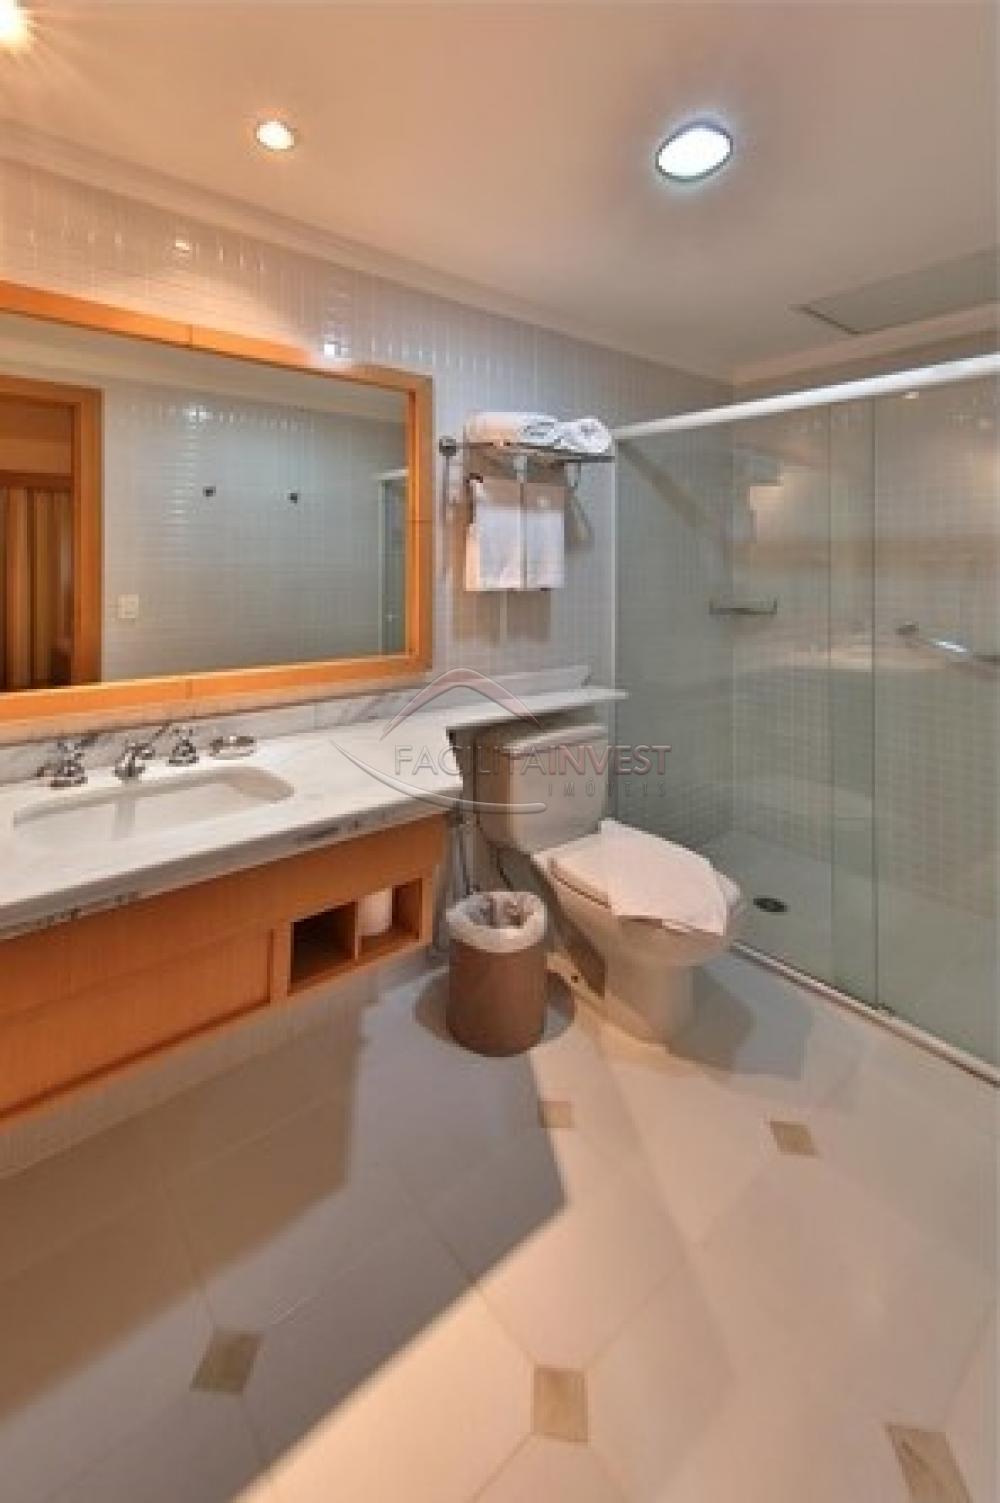 Comprar Apartamentos / Apartamento/ Flat Mobiliado em Ribeirão Preto apenas R$ 320.000,00 - Foto 2